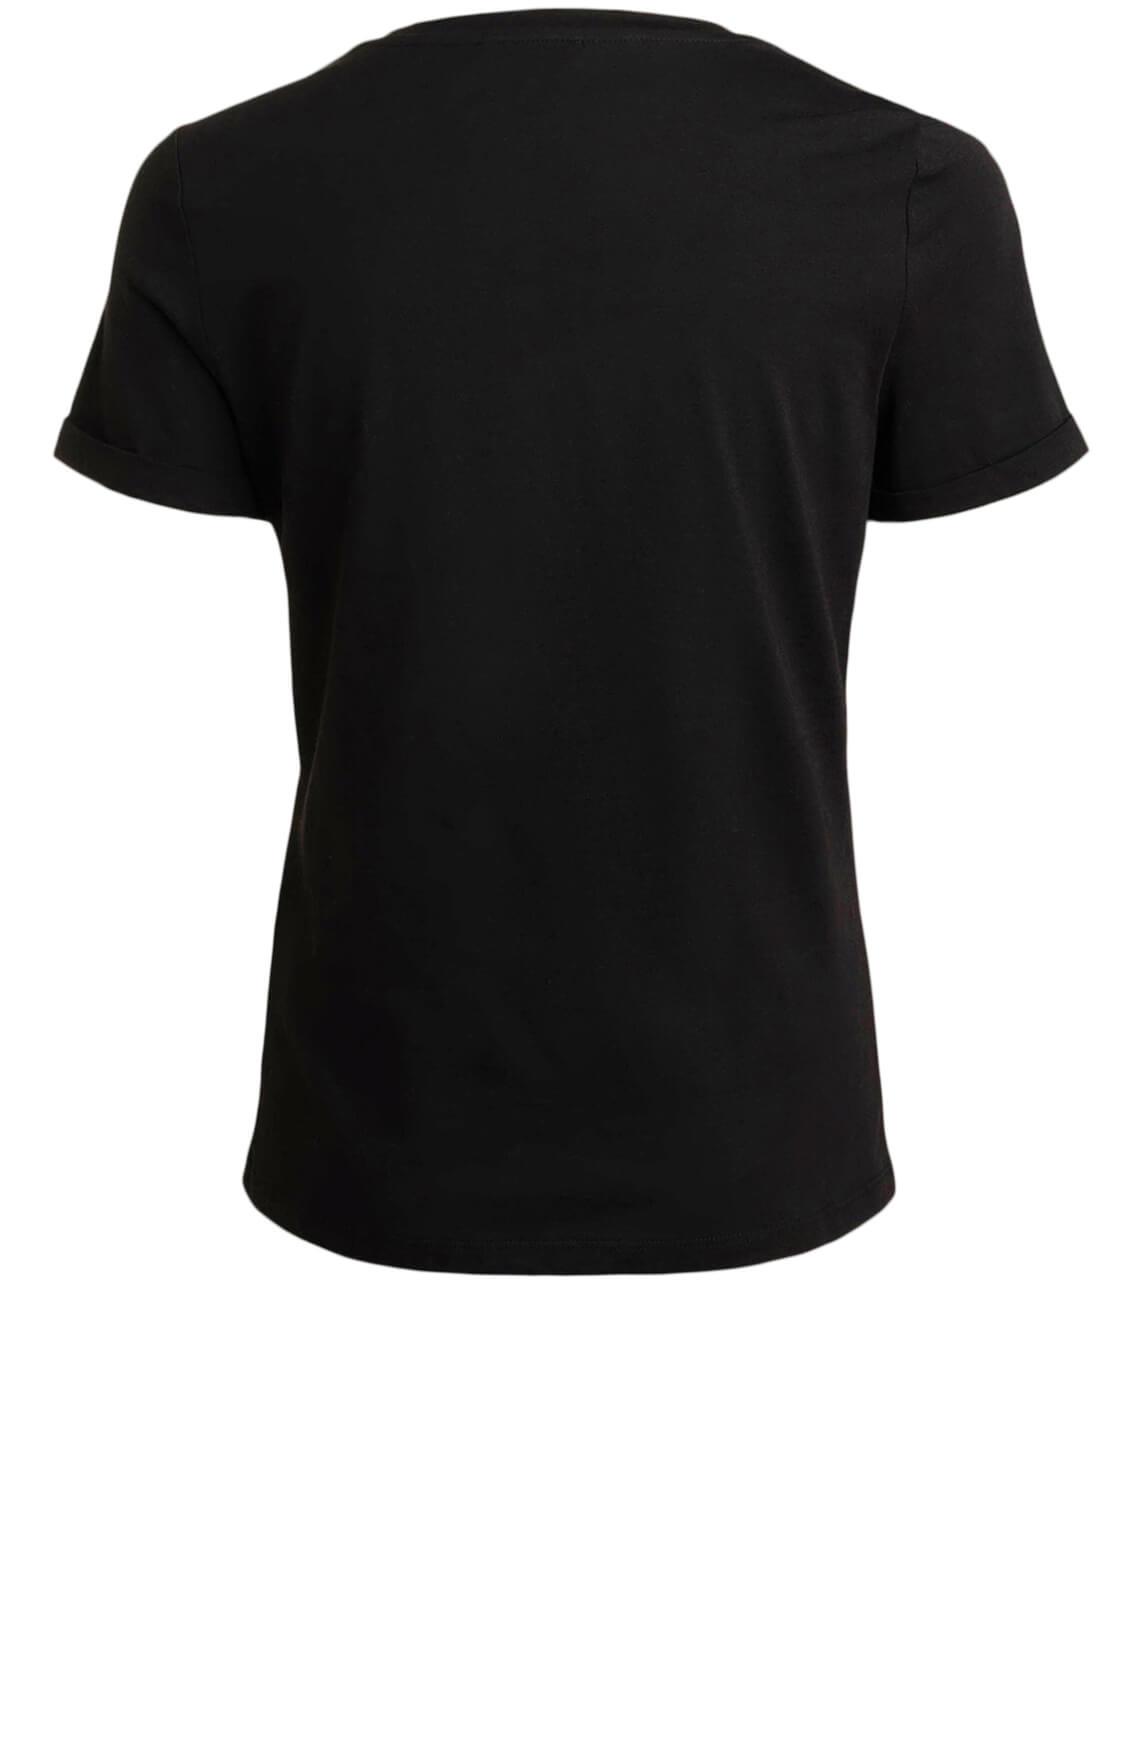 Anna Dames Bliksemschicht shirt zwart